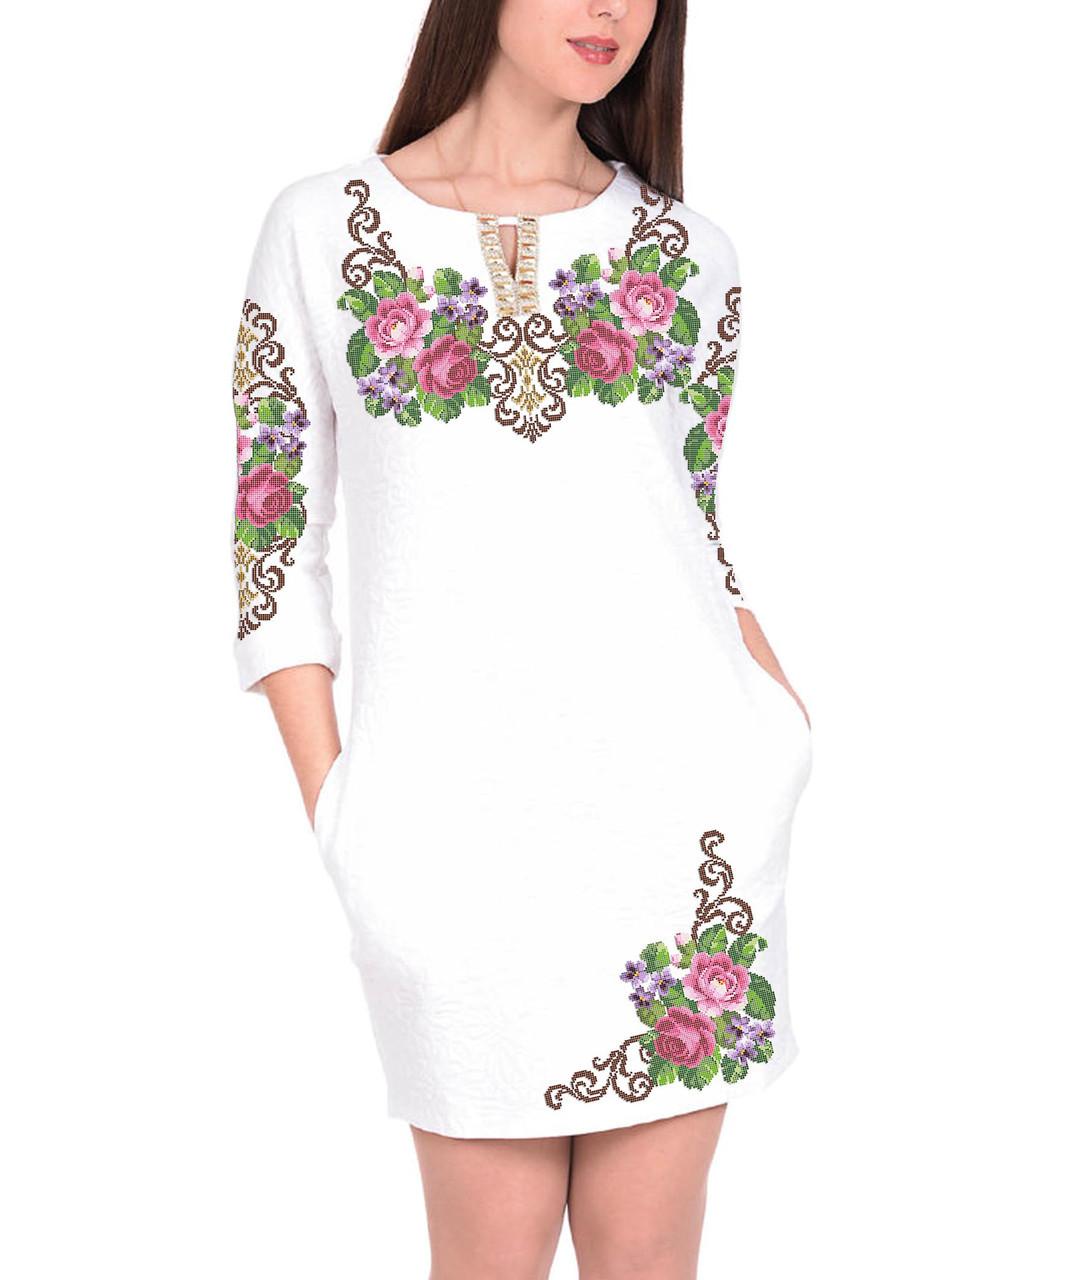 Заготовка женского платья для вышивки / вышивания бисером / ниткой «Королева квітів»